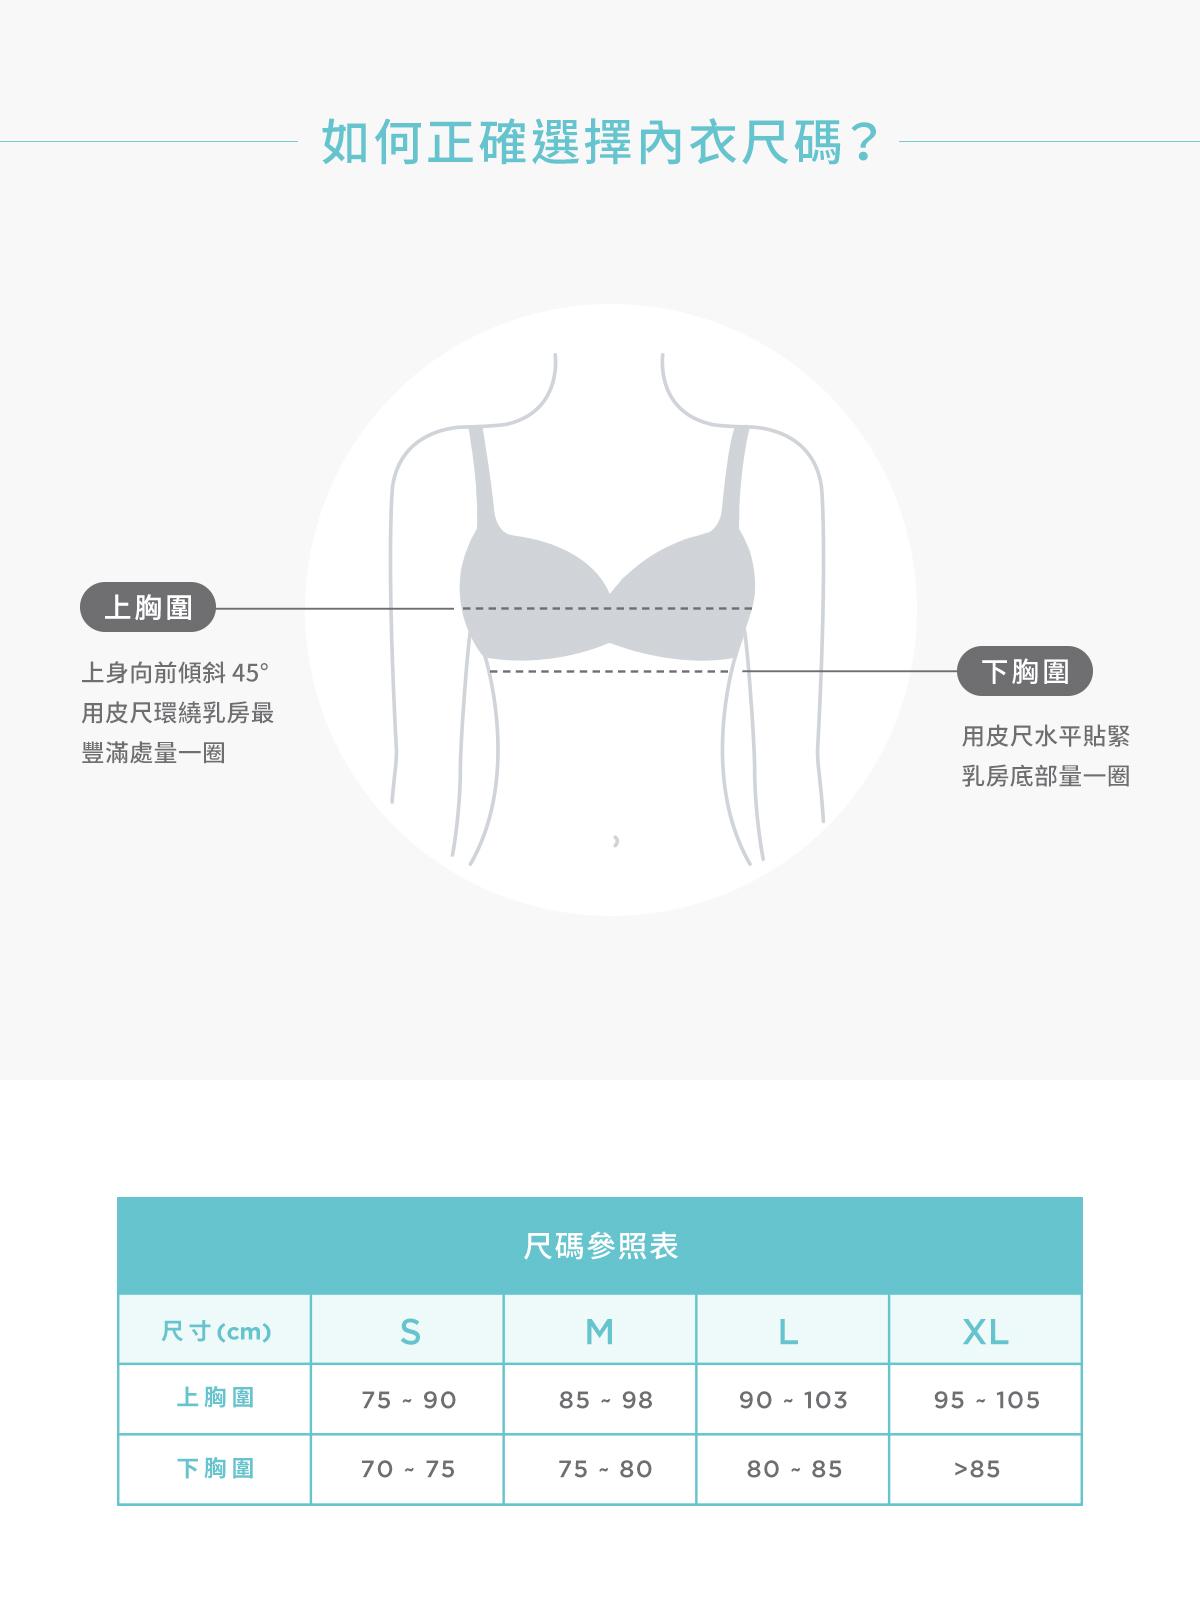 哺乳期, 哺乳內衣, 孕婦內衣, 舒適, 胸部變化, 高彈力無痕孕哺乳內衣, 如何正確選擇內衣尺碼, 上胸圍, 下胸圍, 上身向前傾斜45度, 用皮尺環繞乳房最豐滿處量一圈, 用皮尺水平貼緊, 乳房底部量一圈, S M L XL, 尺碼參照表, 尺寸